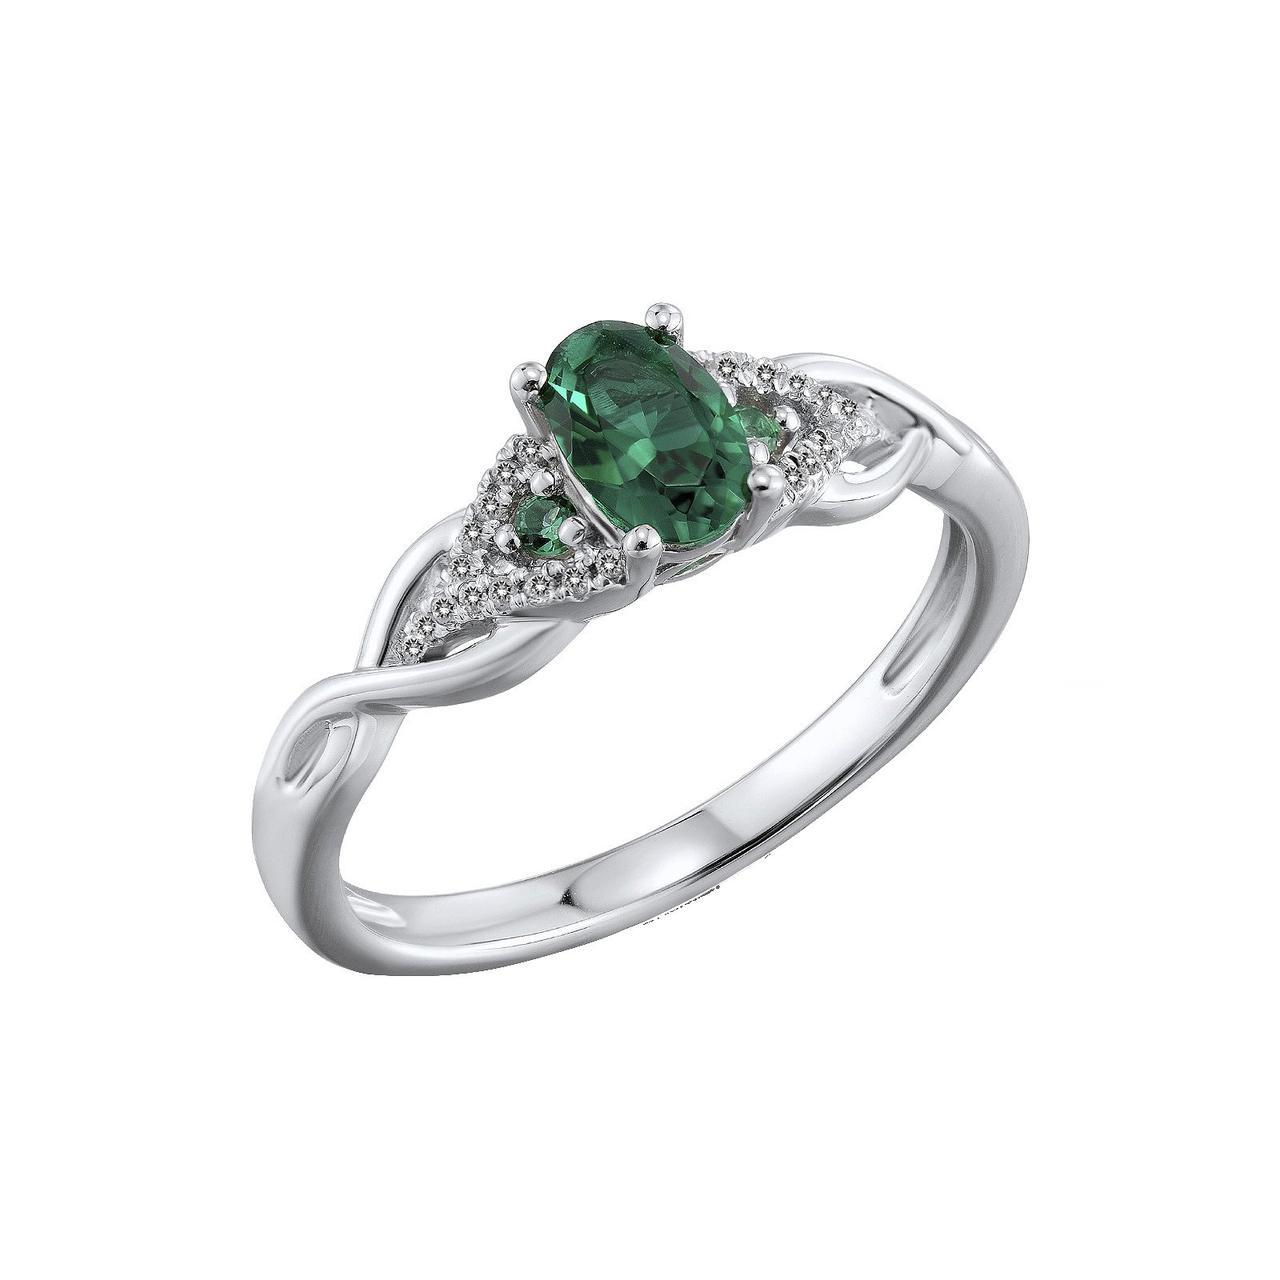 Золотое кольцо с бриллиантами и изумрудами, размер 16 (564877)